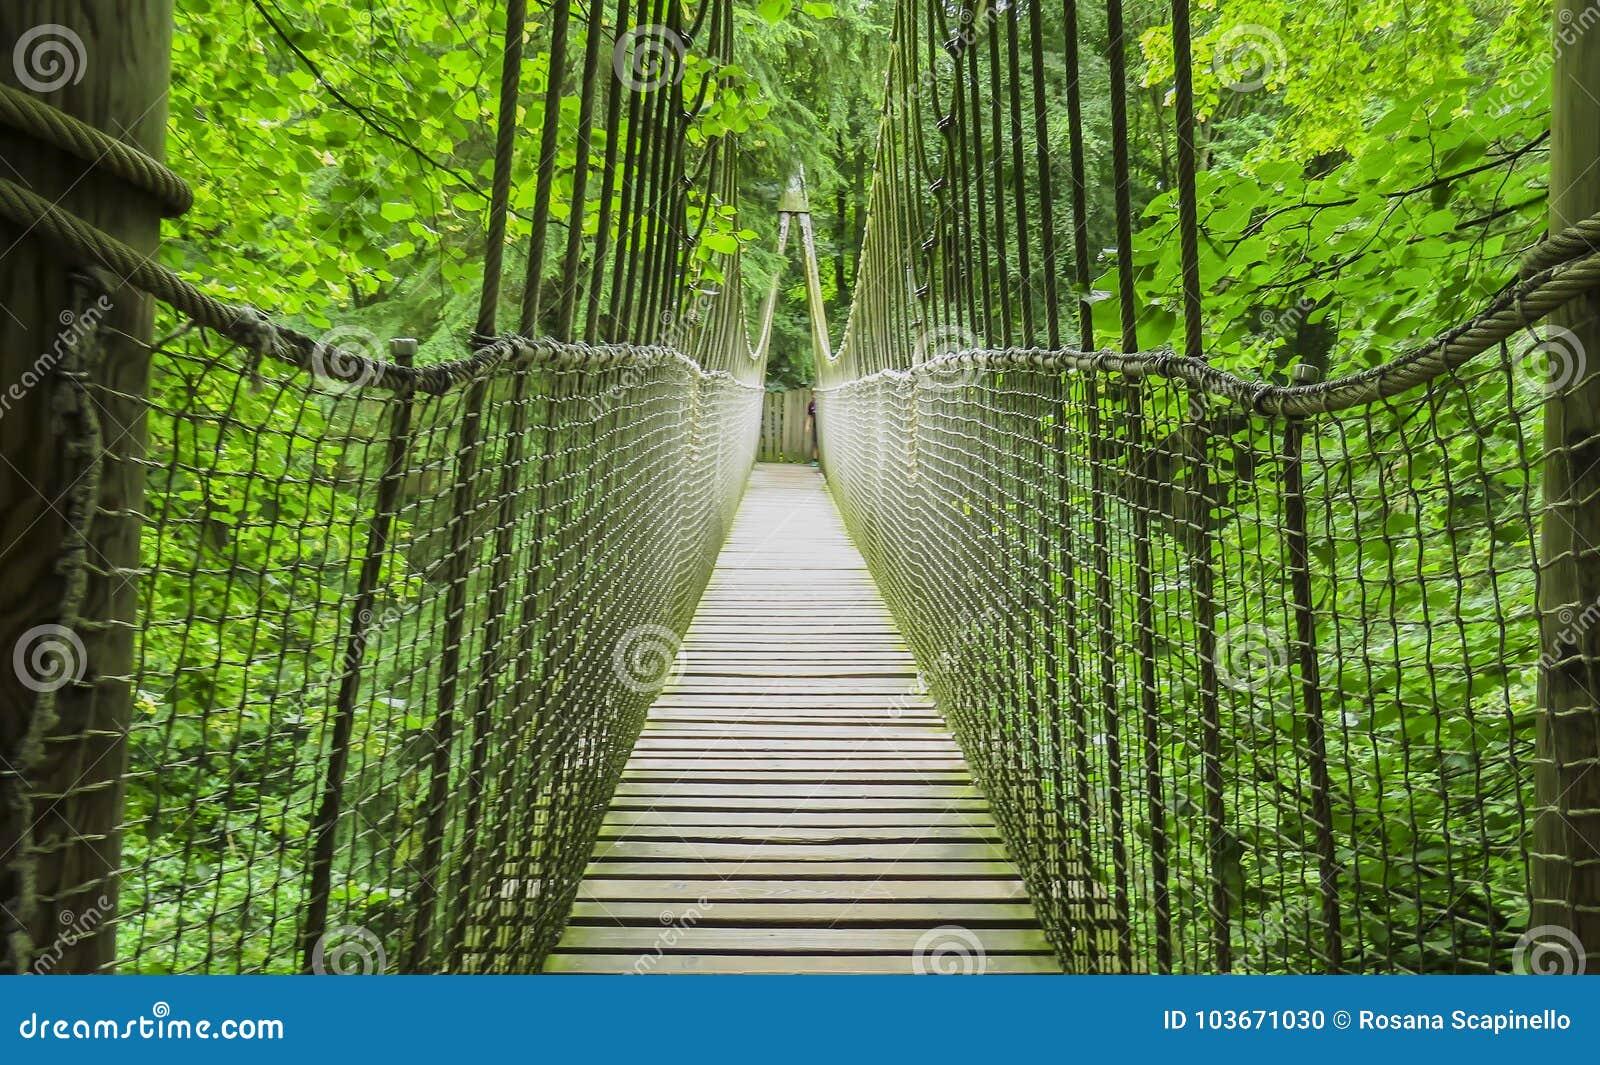 Pont en bois de cabane dans un arbre, en bois et de corde d Alnwick, jardin d Alnwick, dans le comté anglais du Northumberland